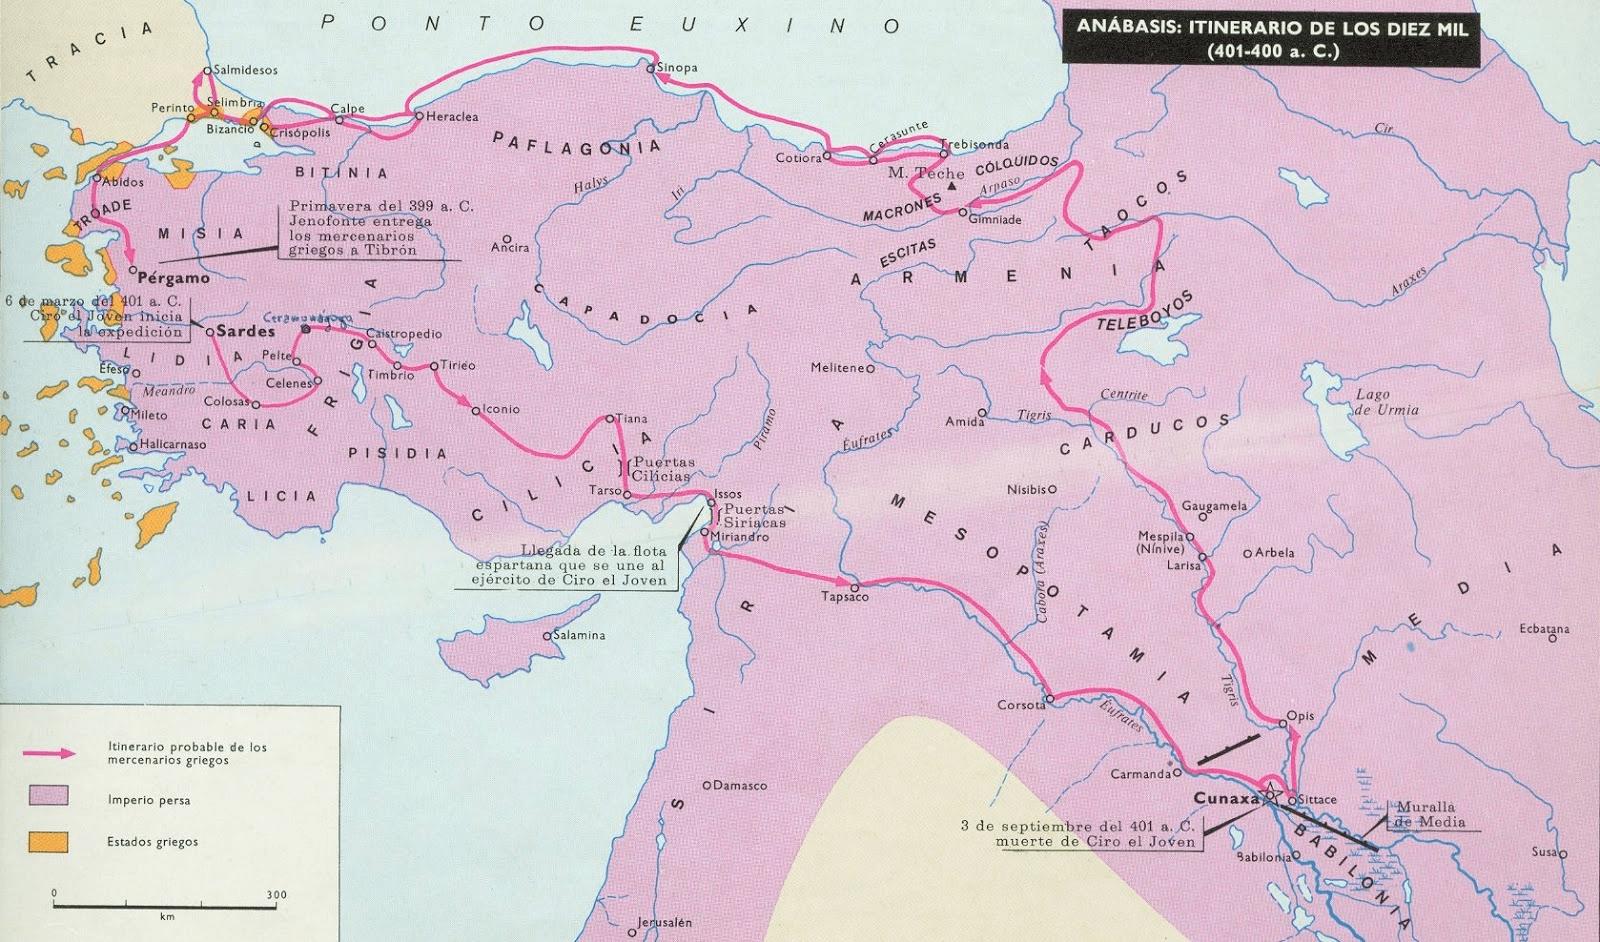 Itinerario seguido por los Diez Mil, según el Anabasis 401-400 AC